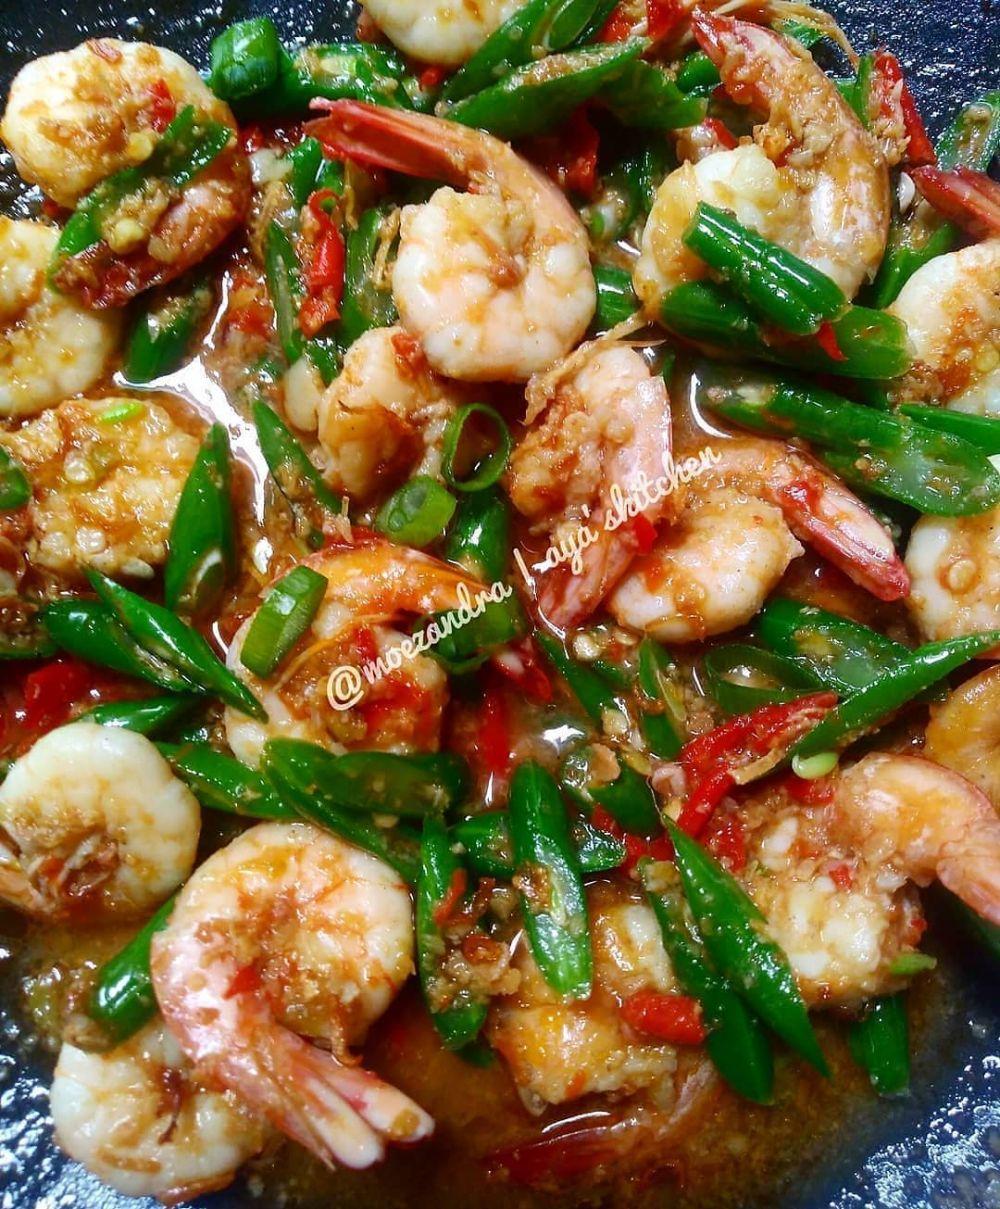 Resep kreasi udang dan sayur © Instagram